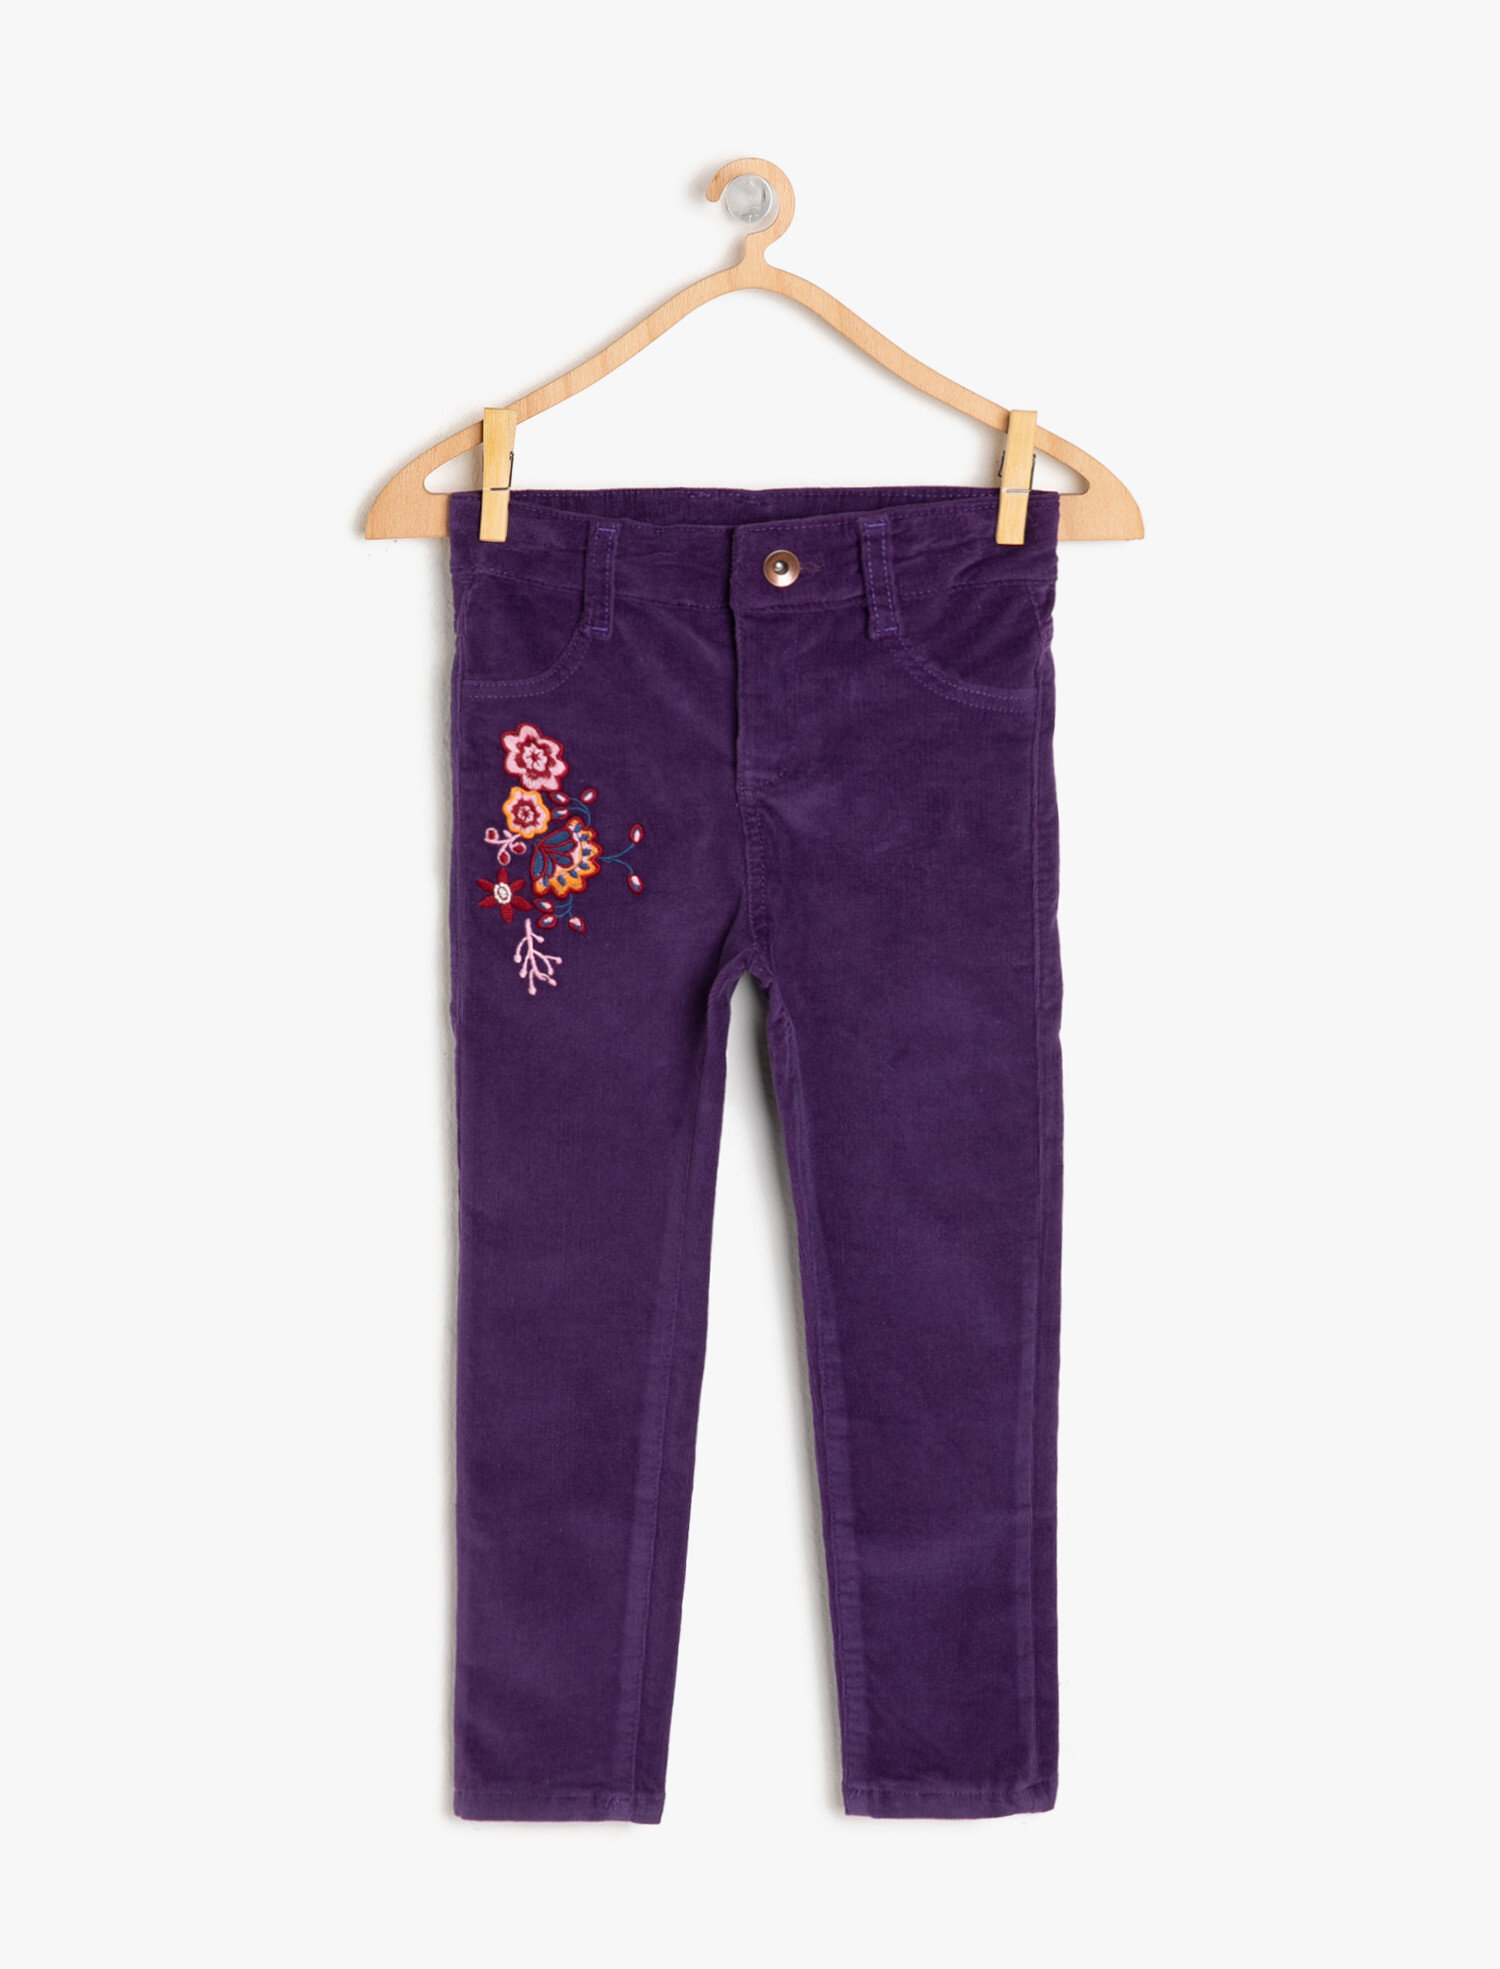 Koton Kız Çocuk Islemeli Pantolon Mor Ürün Resmi